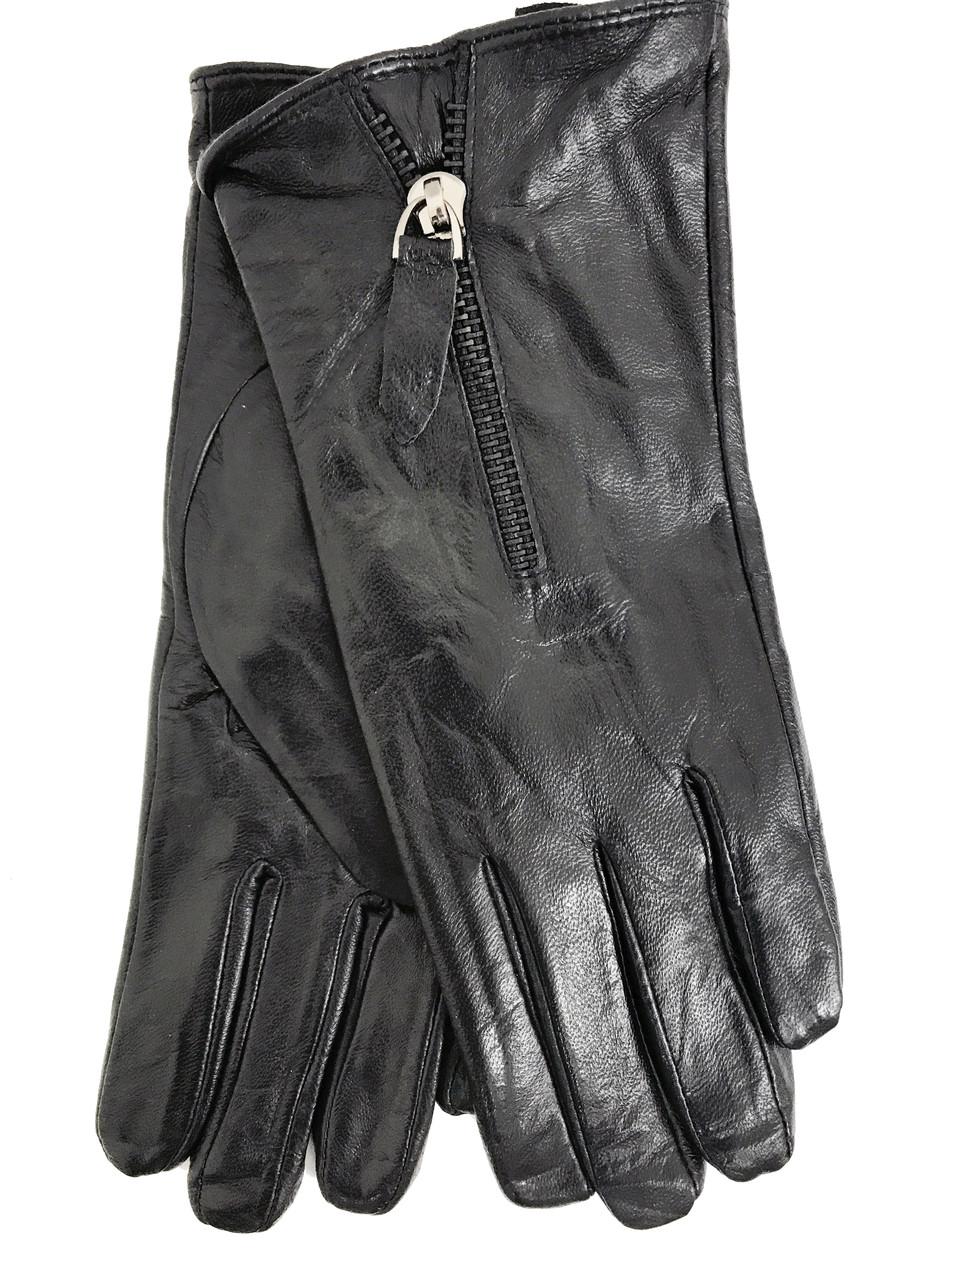 Женские кожаные перчатки Felix Средние 14W-014s2